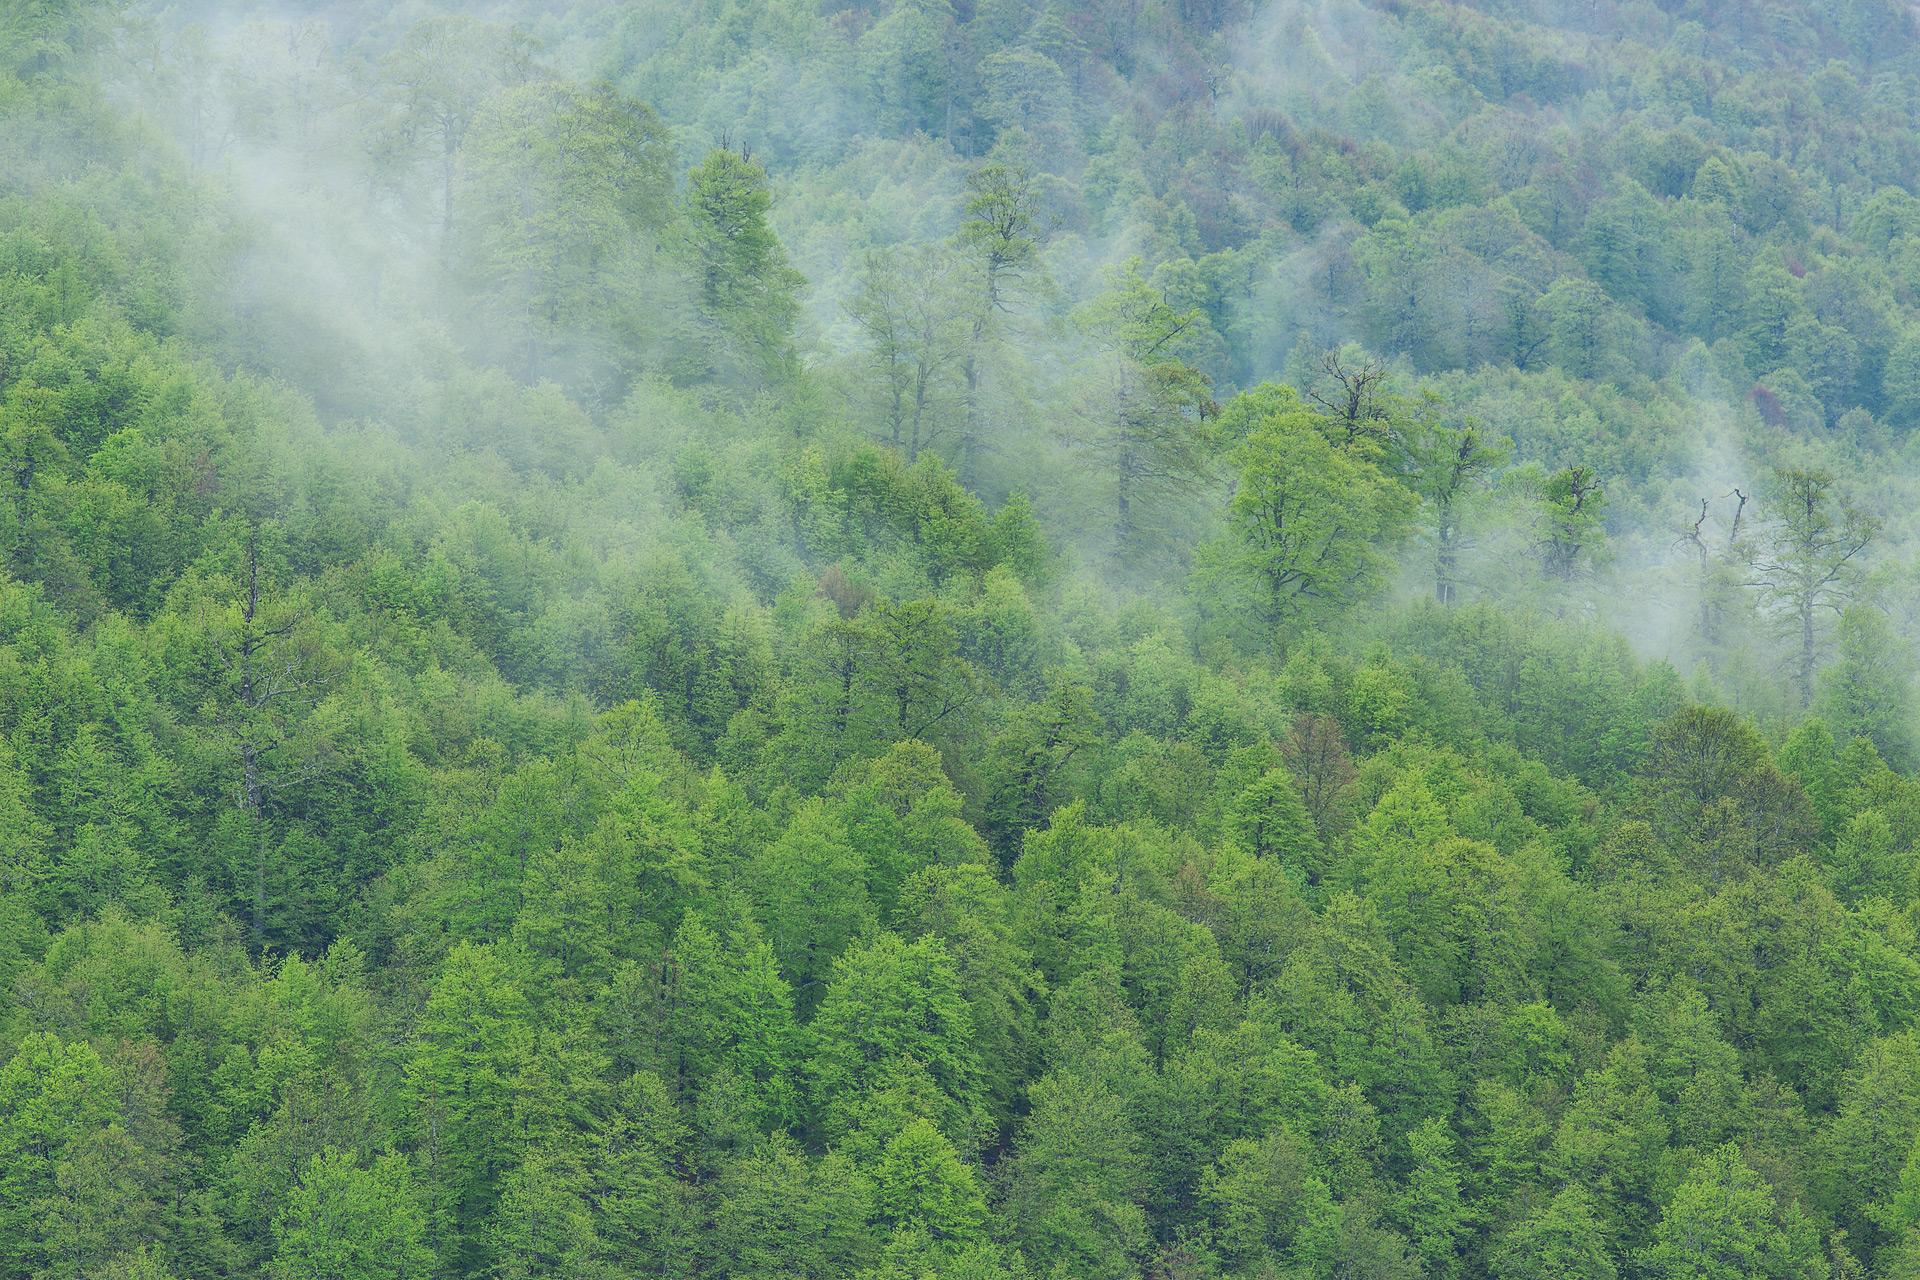 Una grande foresta può influenzare il ciclo dell'acqua e, quindi, la sua disponibilità in una certa regione